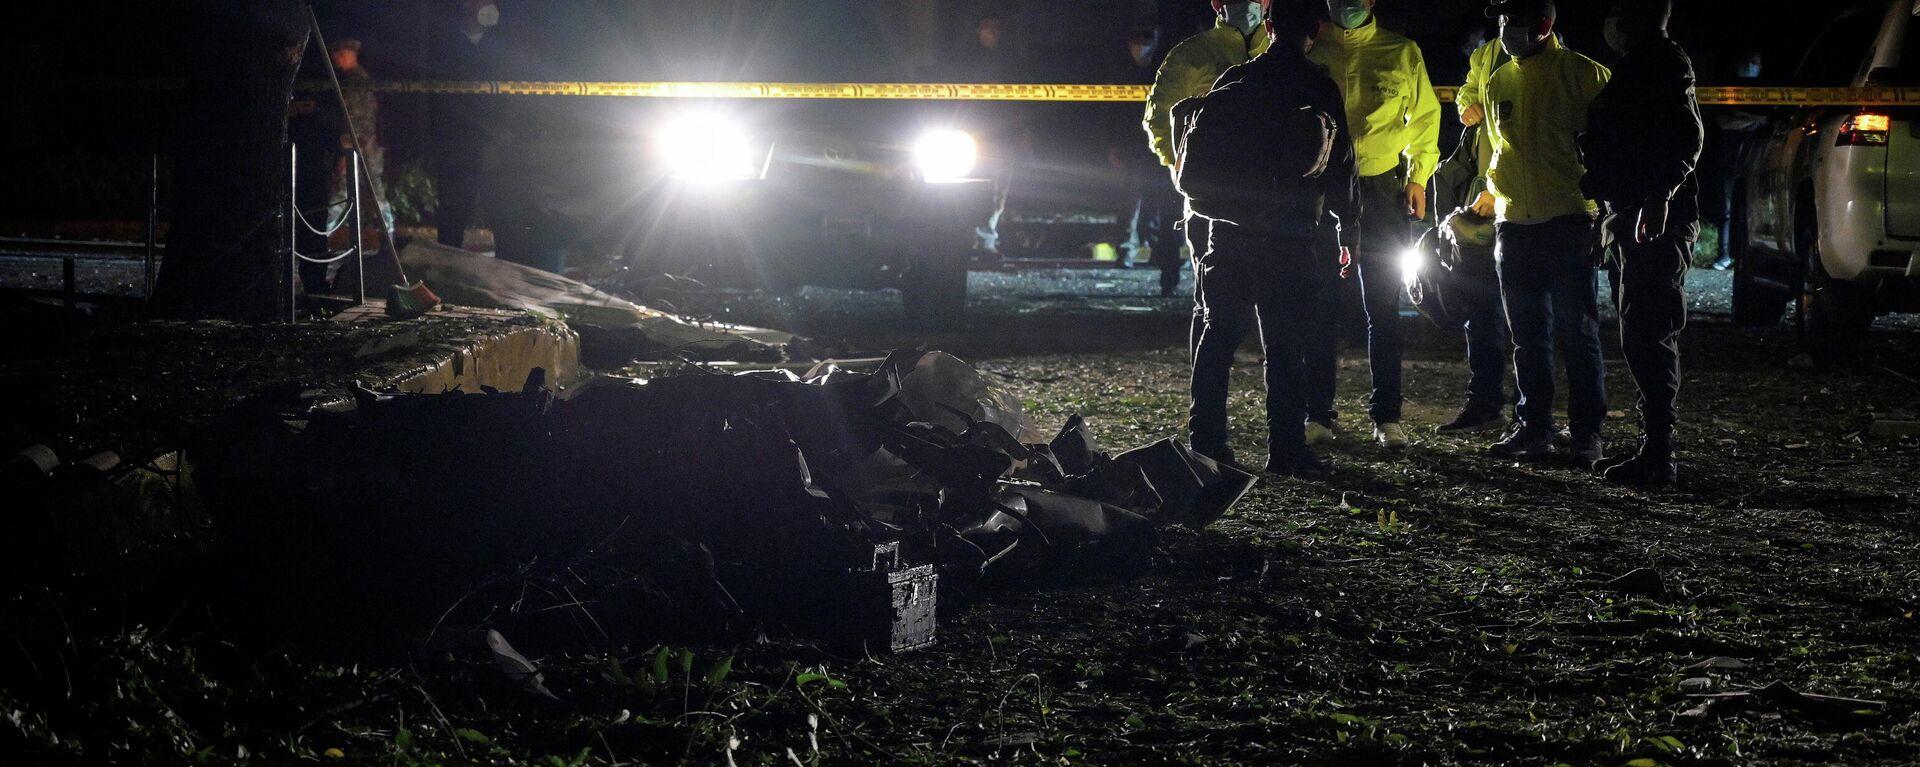 Los restos del coche bomba en Cúcuta (Colombia), el 15 de junio de 2021 - Sputnik Mundo, 1920, 16.06.2021